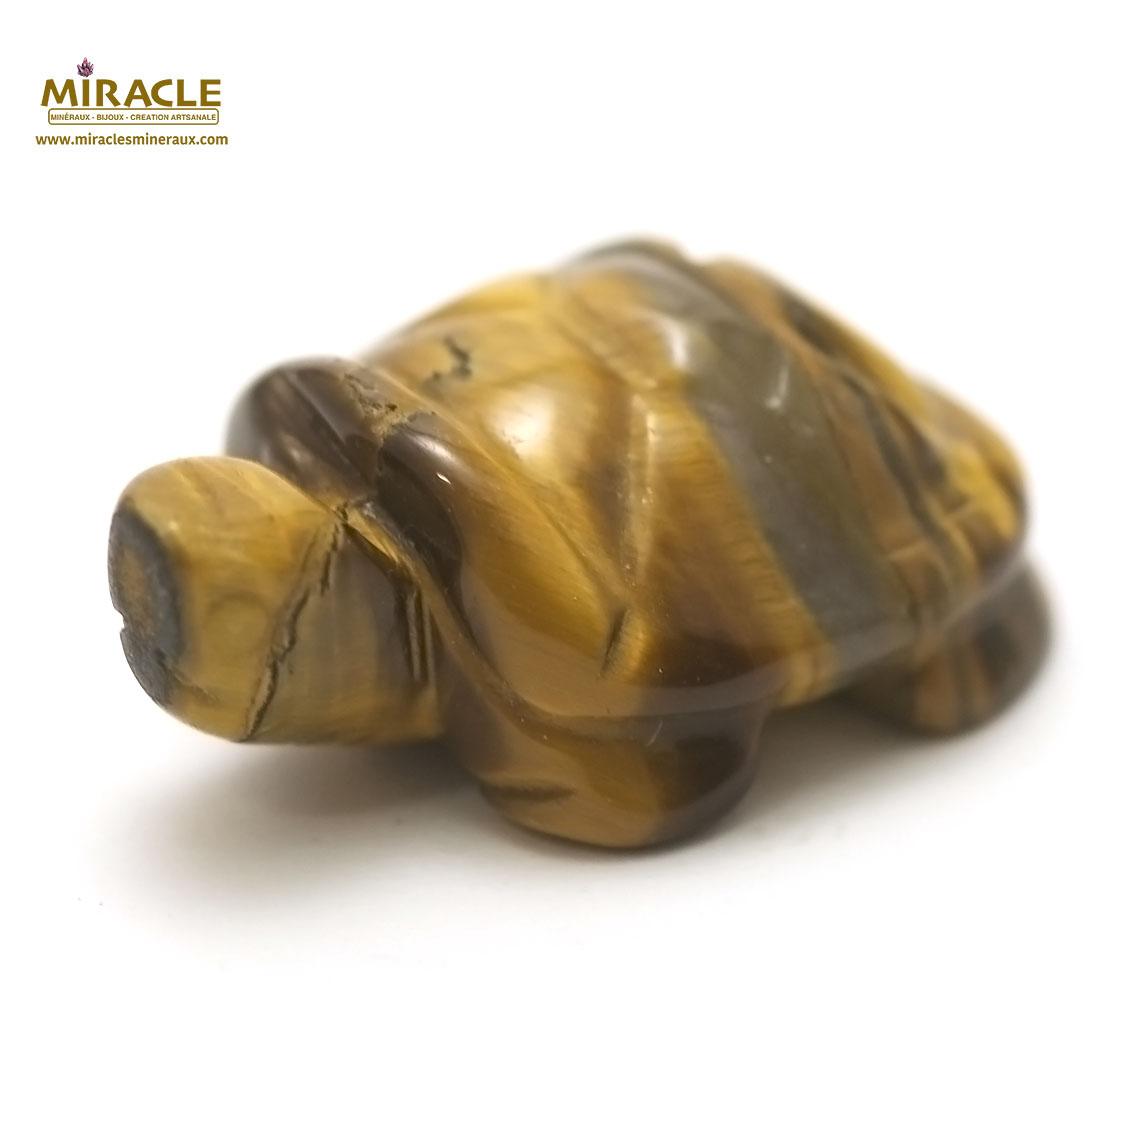 statuette minéraux tortue en pierre naturelle de oeil du tigre